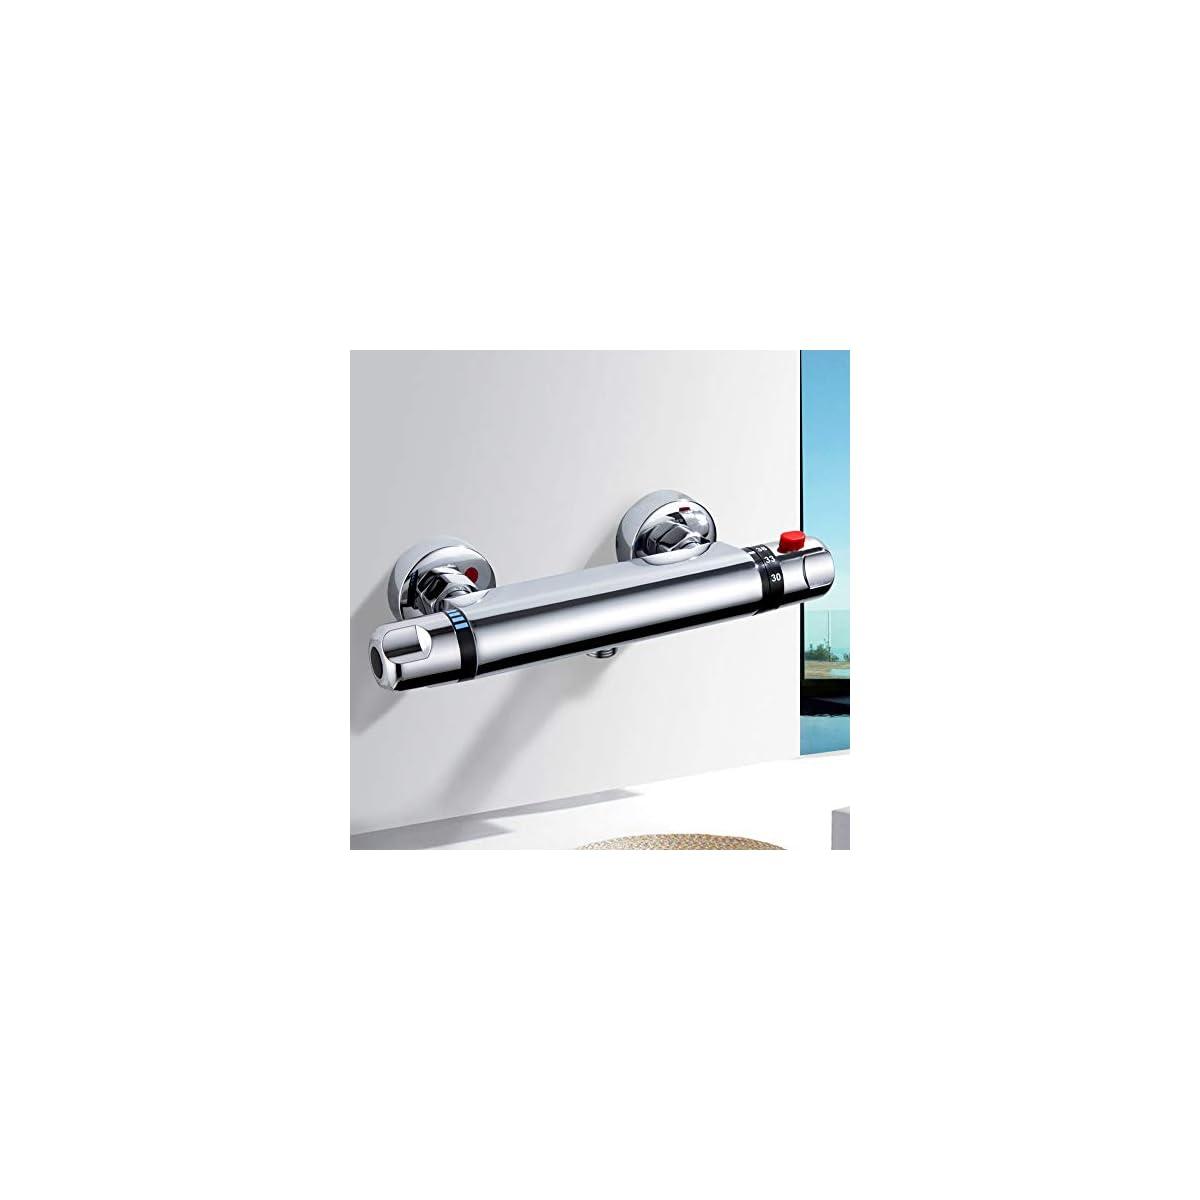 41UBXgDBO3L. SS1200  - Grifo Termostatico Ducha MOCHUAN Termostático Ducha Grifos de Bañera Mezclador Termostático Ducha Moderno Cromo para Baño 20-50 ℃